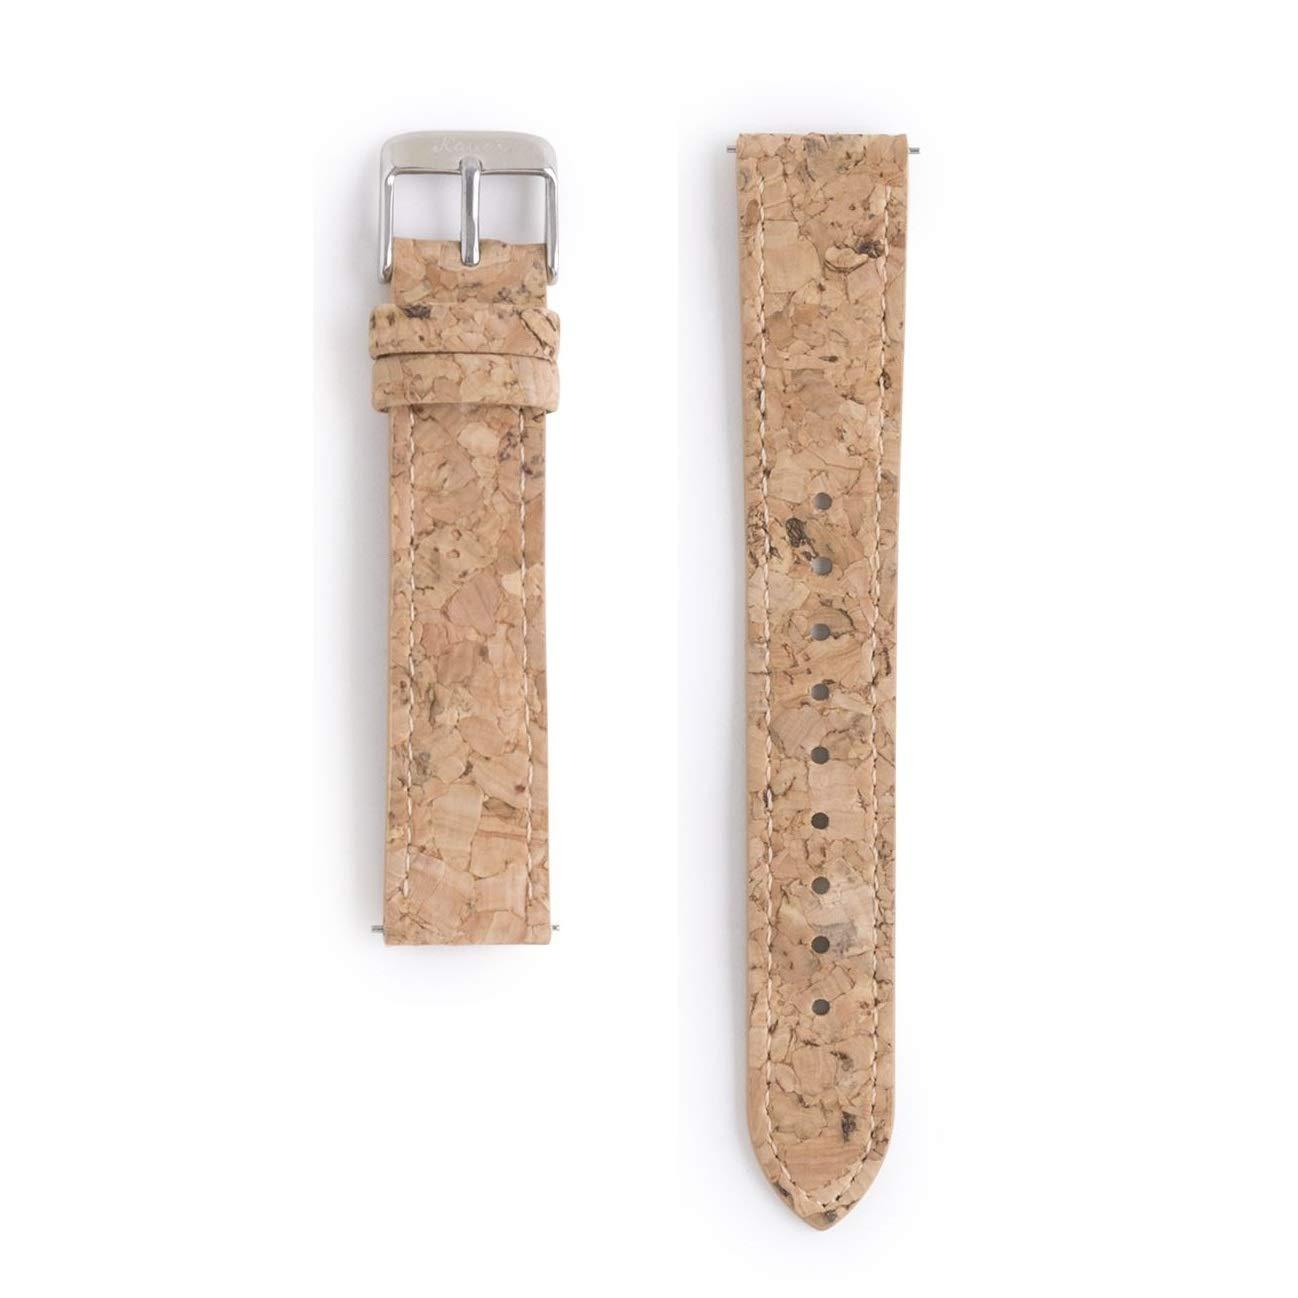 Correa de Reloj de Corcho de 18mm | Función Intercambiable | Vegana y sintética | Corcho Reciclado | Eco Friendly: Amazon.es: Relojes